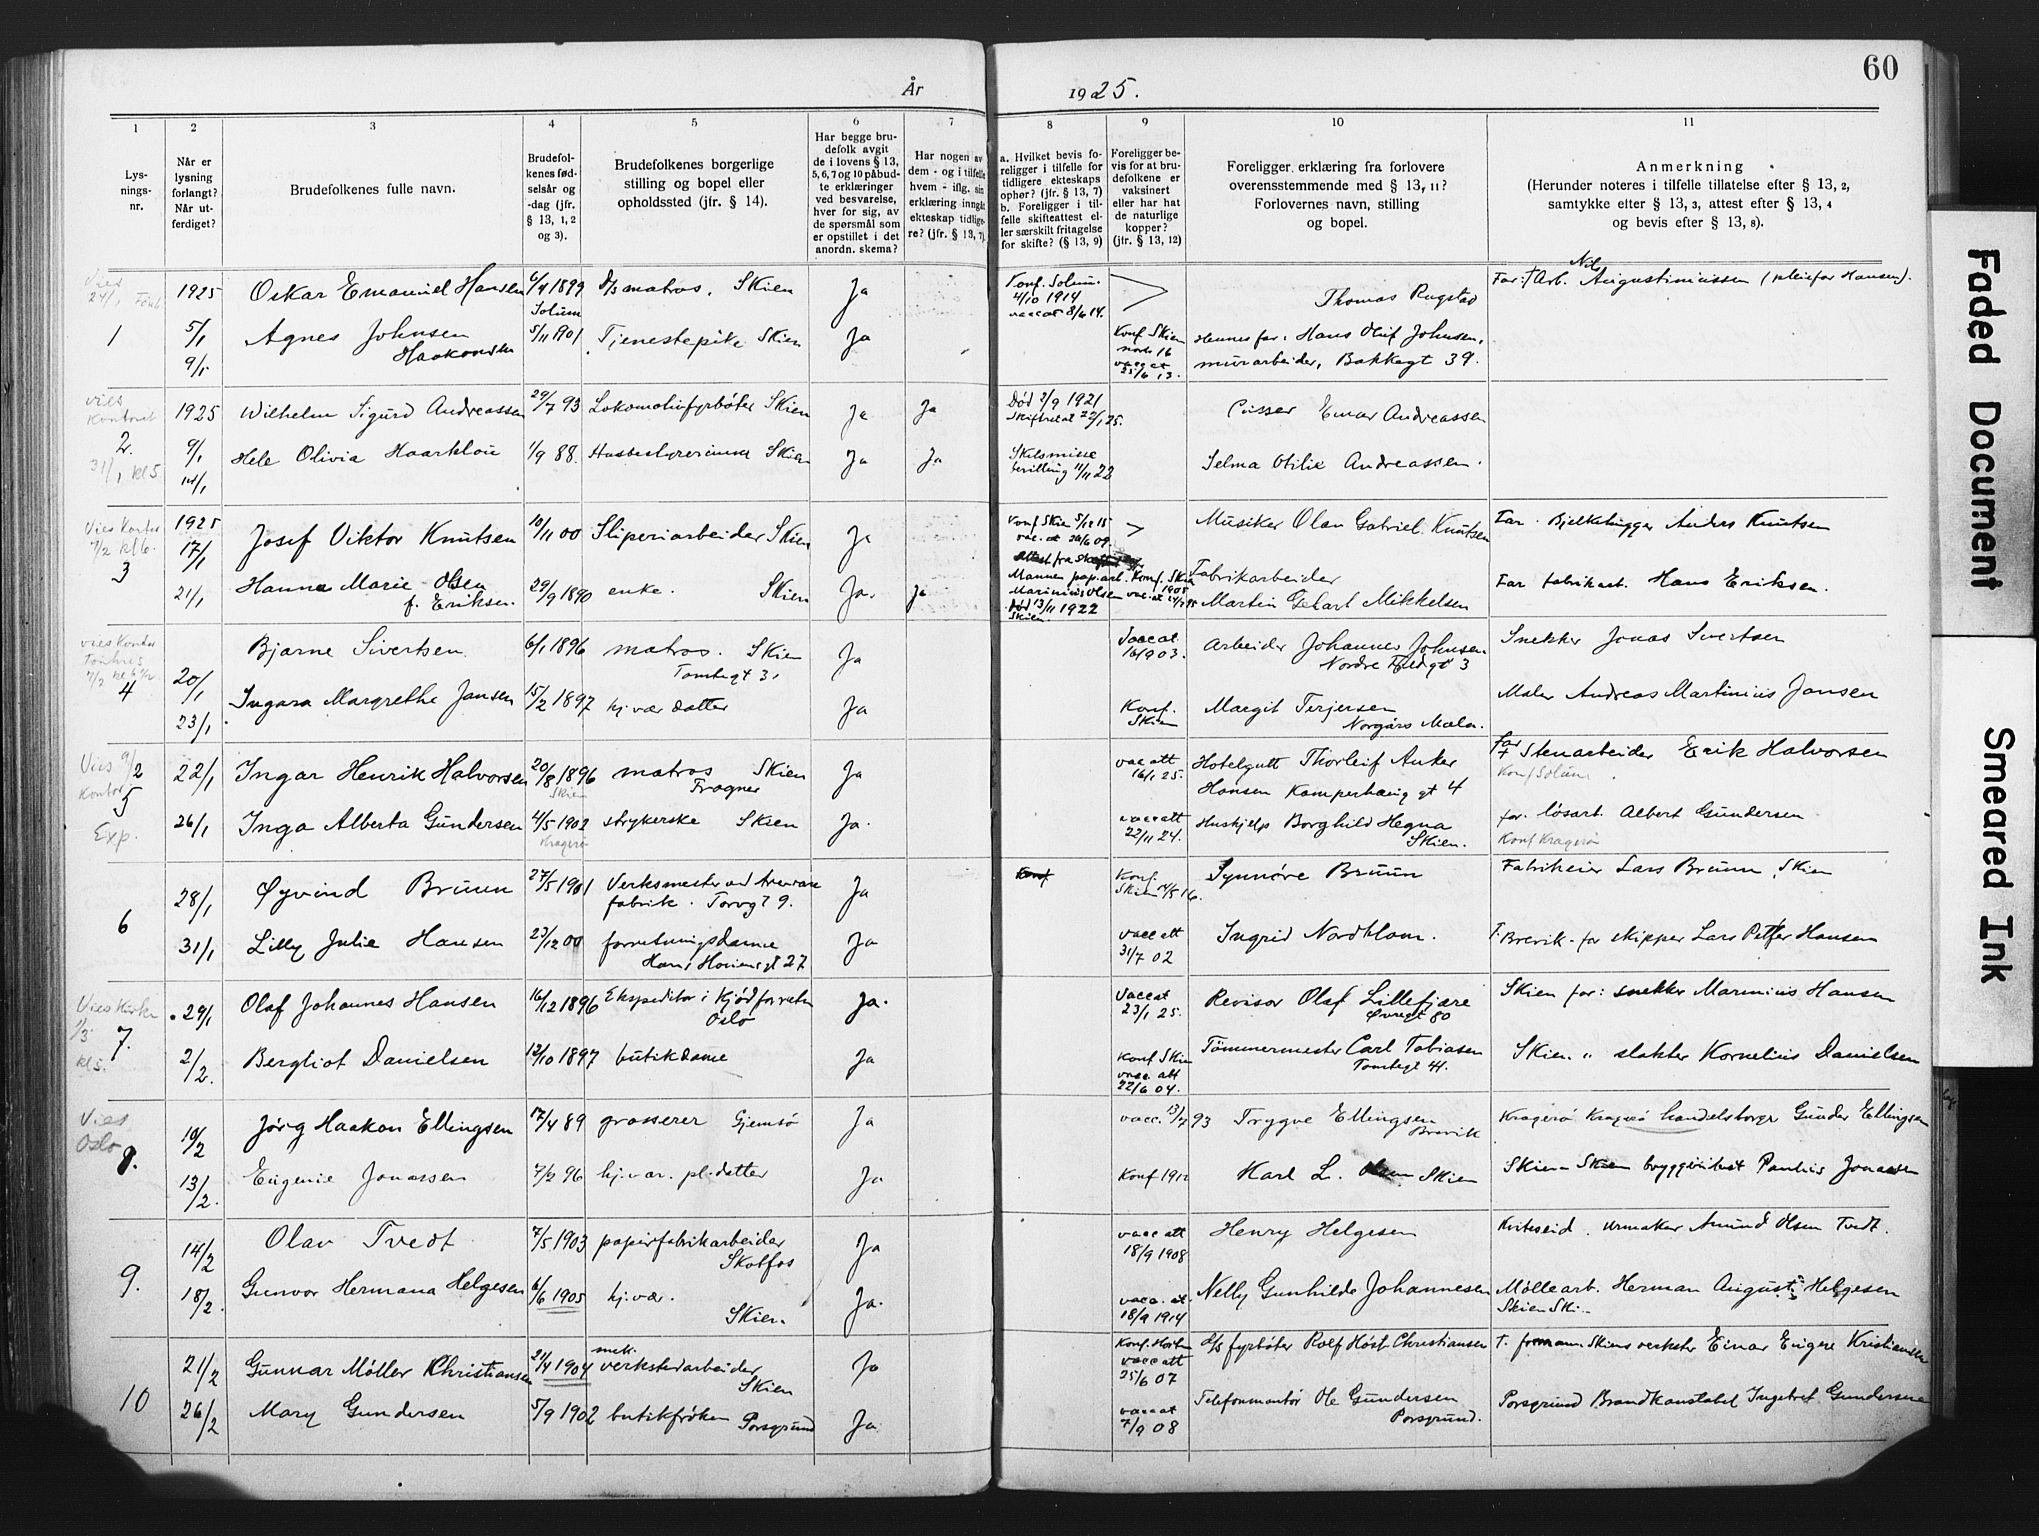 SAKO, Skien kirkebøker, H/Ha/L0001: Lysningsprotokoll nr. 1, 1919-1929, s. 60